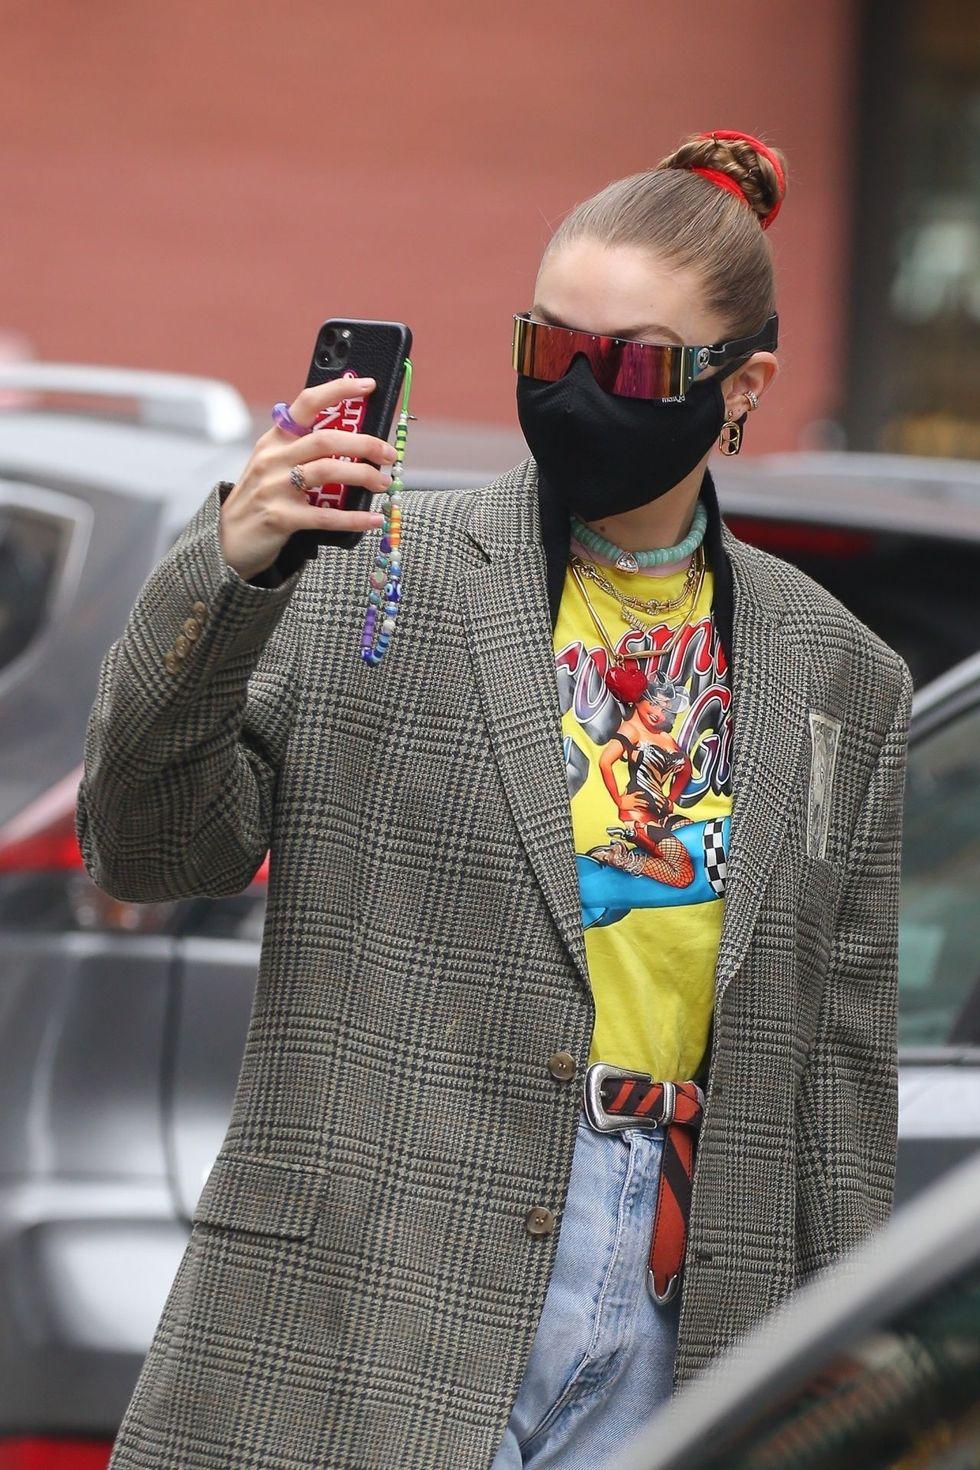 Phụ kiện điện thoại trở lại thành điểm nhấn cho thời trang Y2K - 4